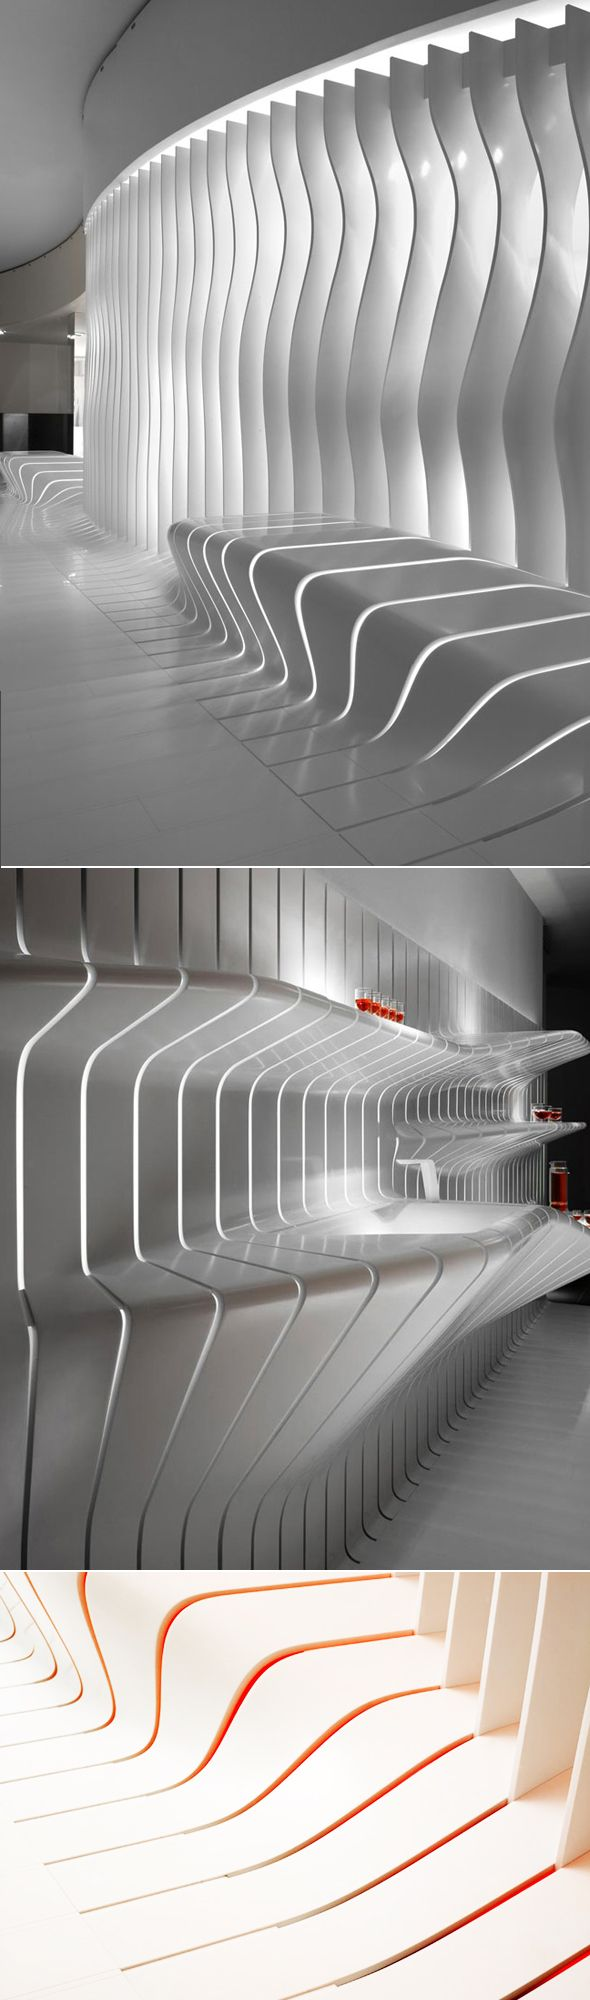 Structure par Dupont Corian et Amanda Levete